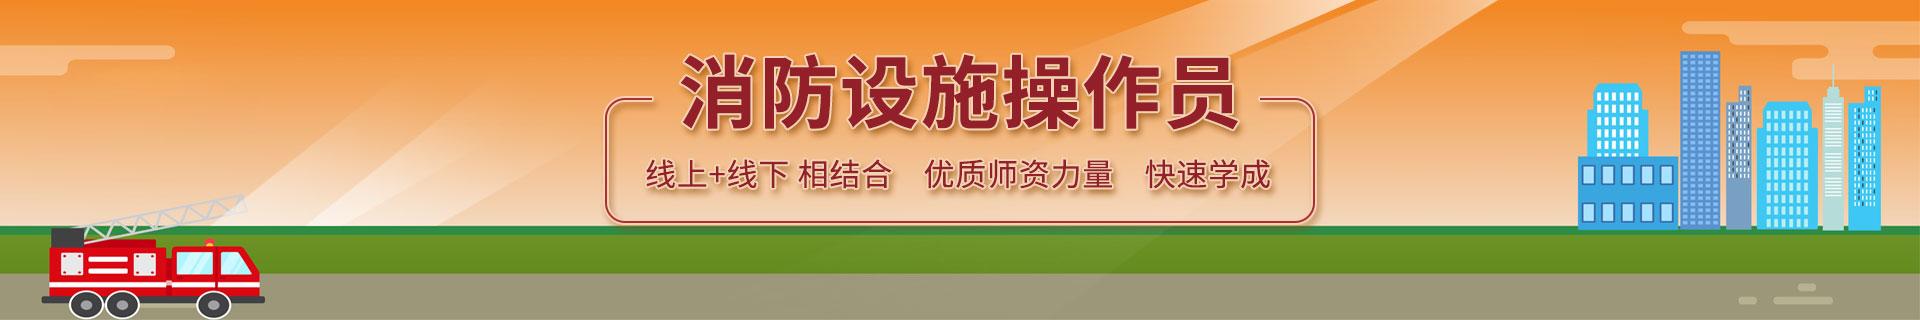 天津南开区学天教育机构